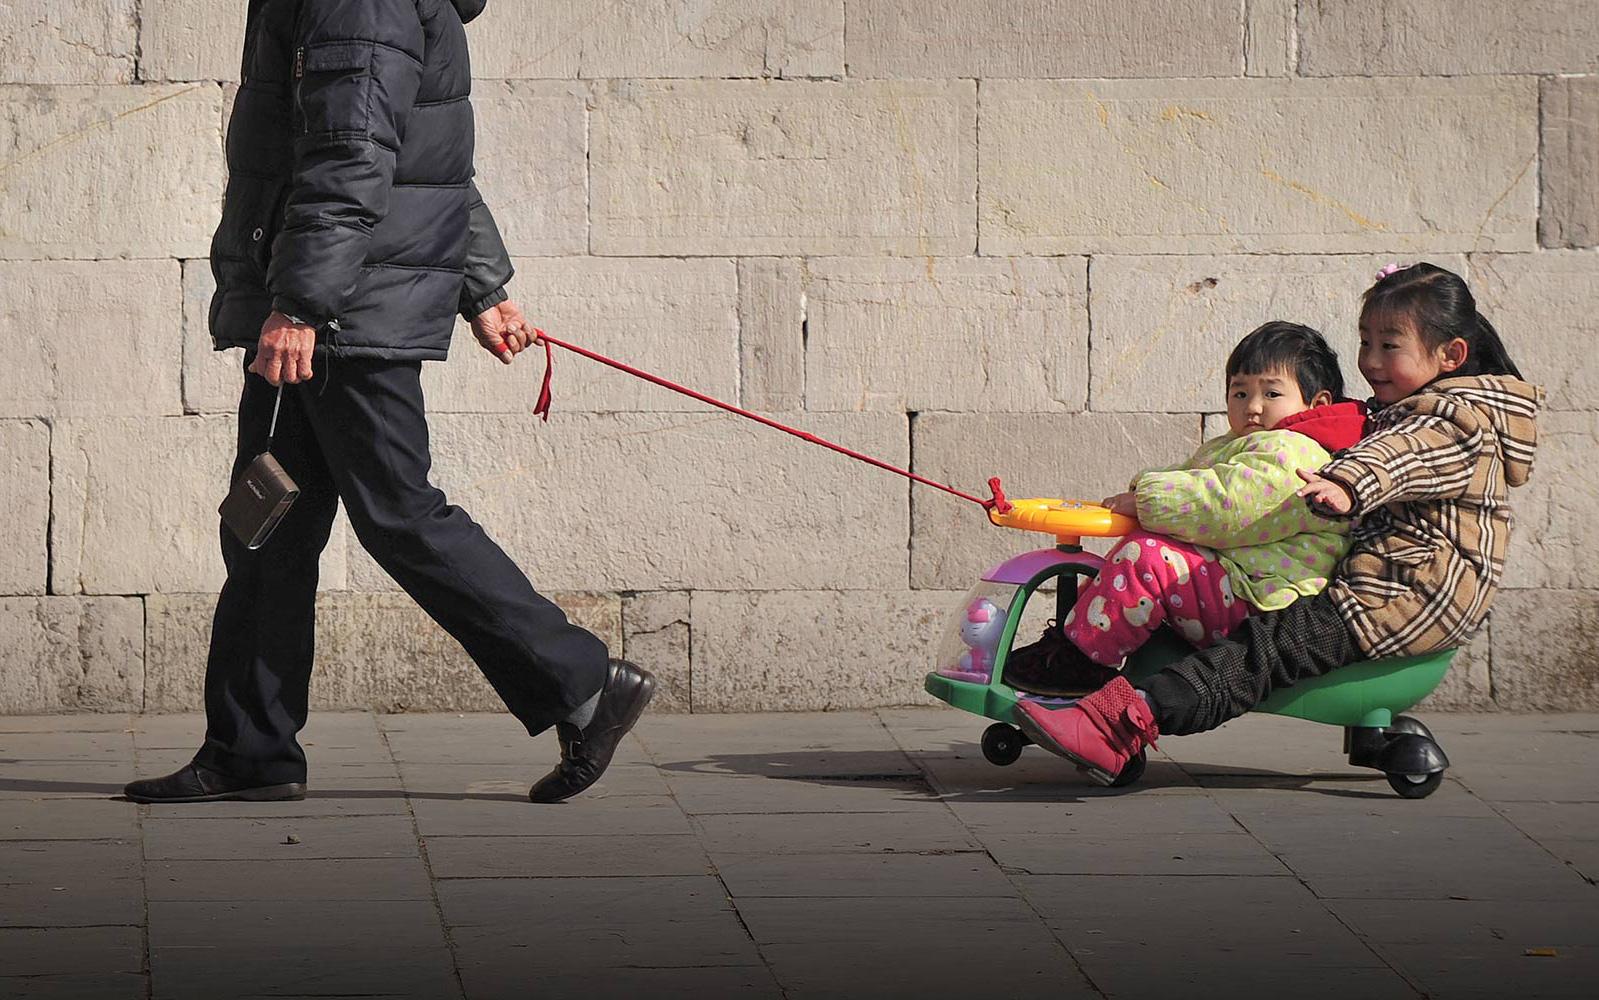 """Nỗi khổ tâm của thế hệ """"lão phiêu"""" tại Trung Quốc: Lặn lội từ quê lên thành phố để trông cháu thay con cái, cô đơn nơi đất khách thay vì tận hưởng tuổi già an nhàn"""